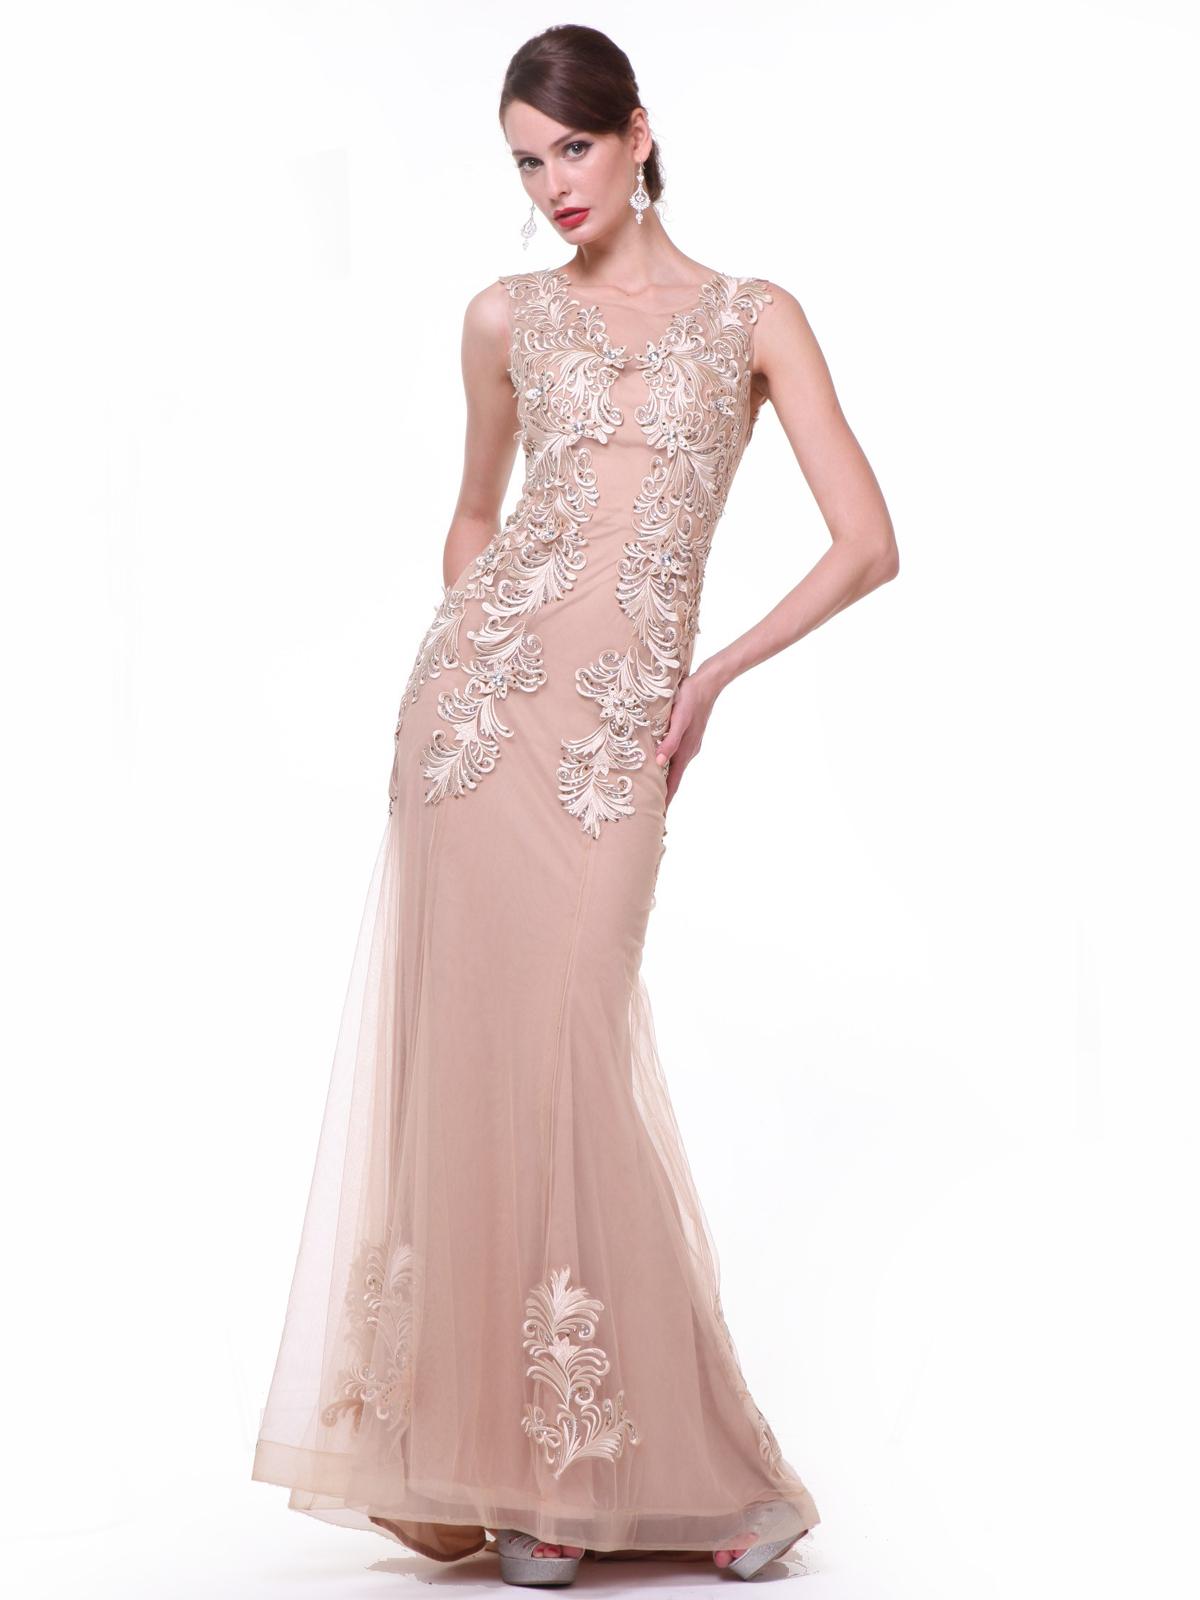 Sheer Lace Applique Formal Dresses | Sung Boutique L.A.